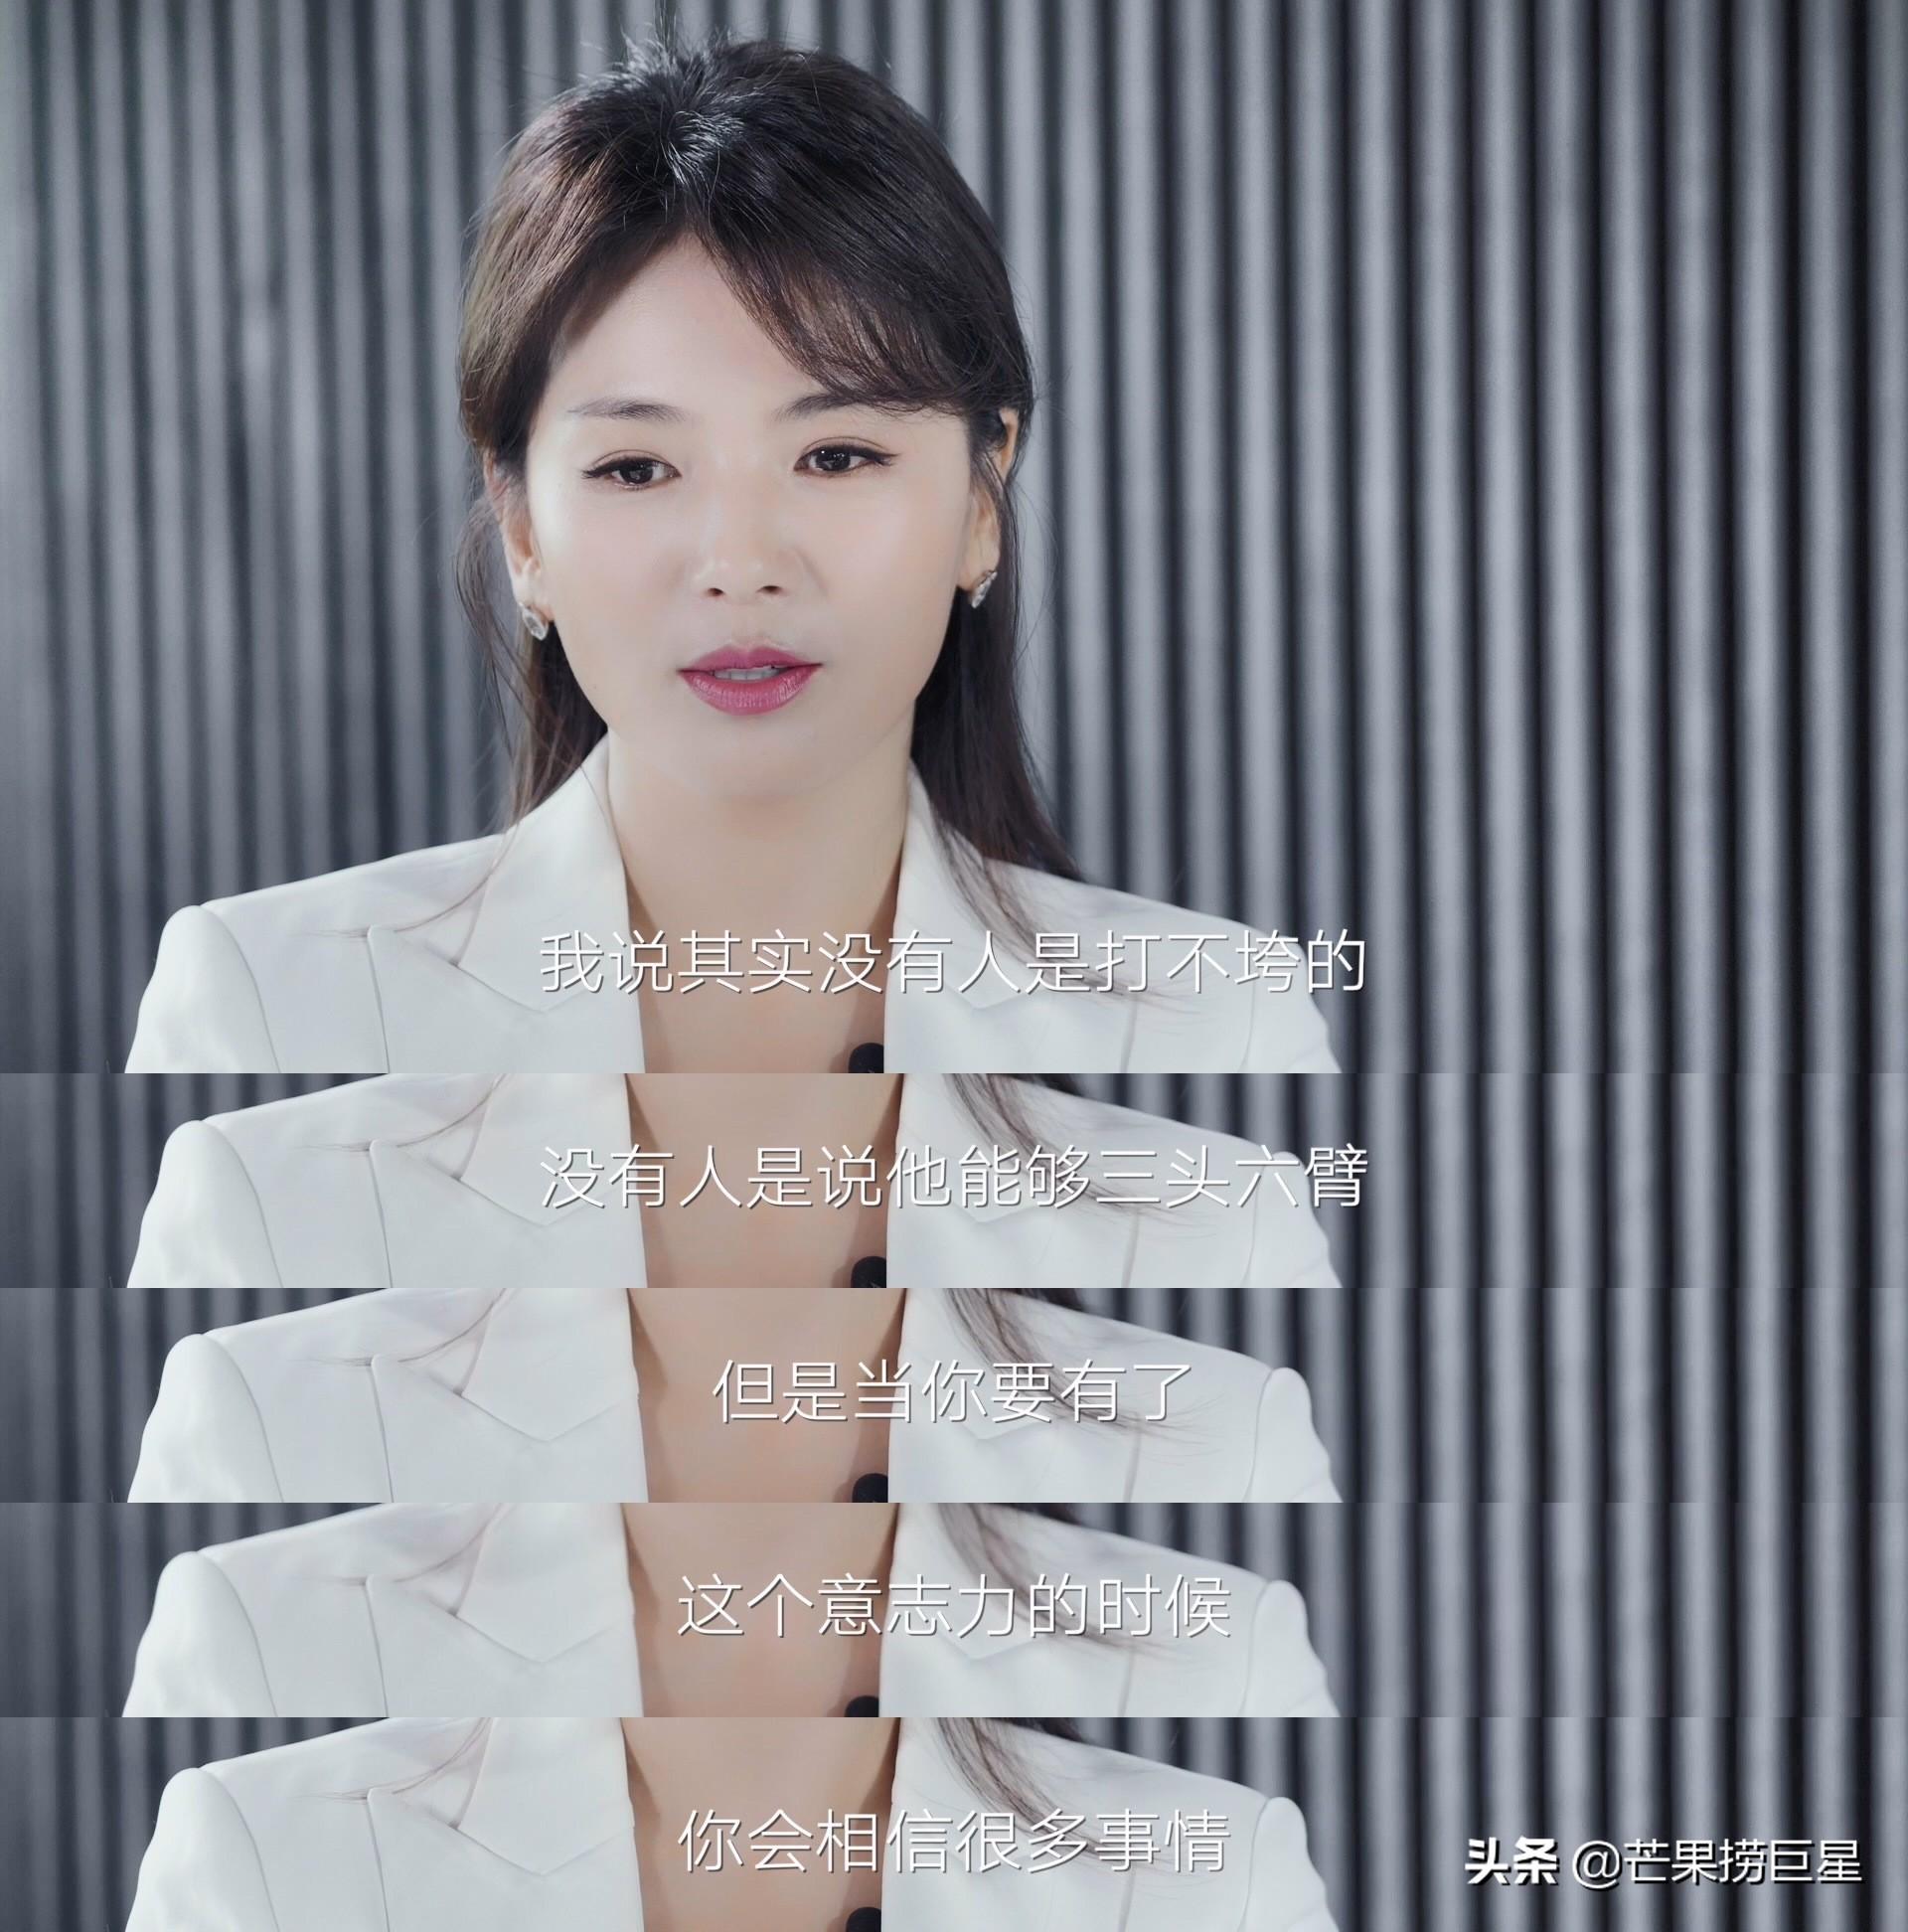 刘涛 我是靠意志力活着的女人